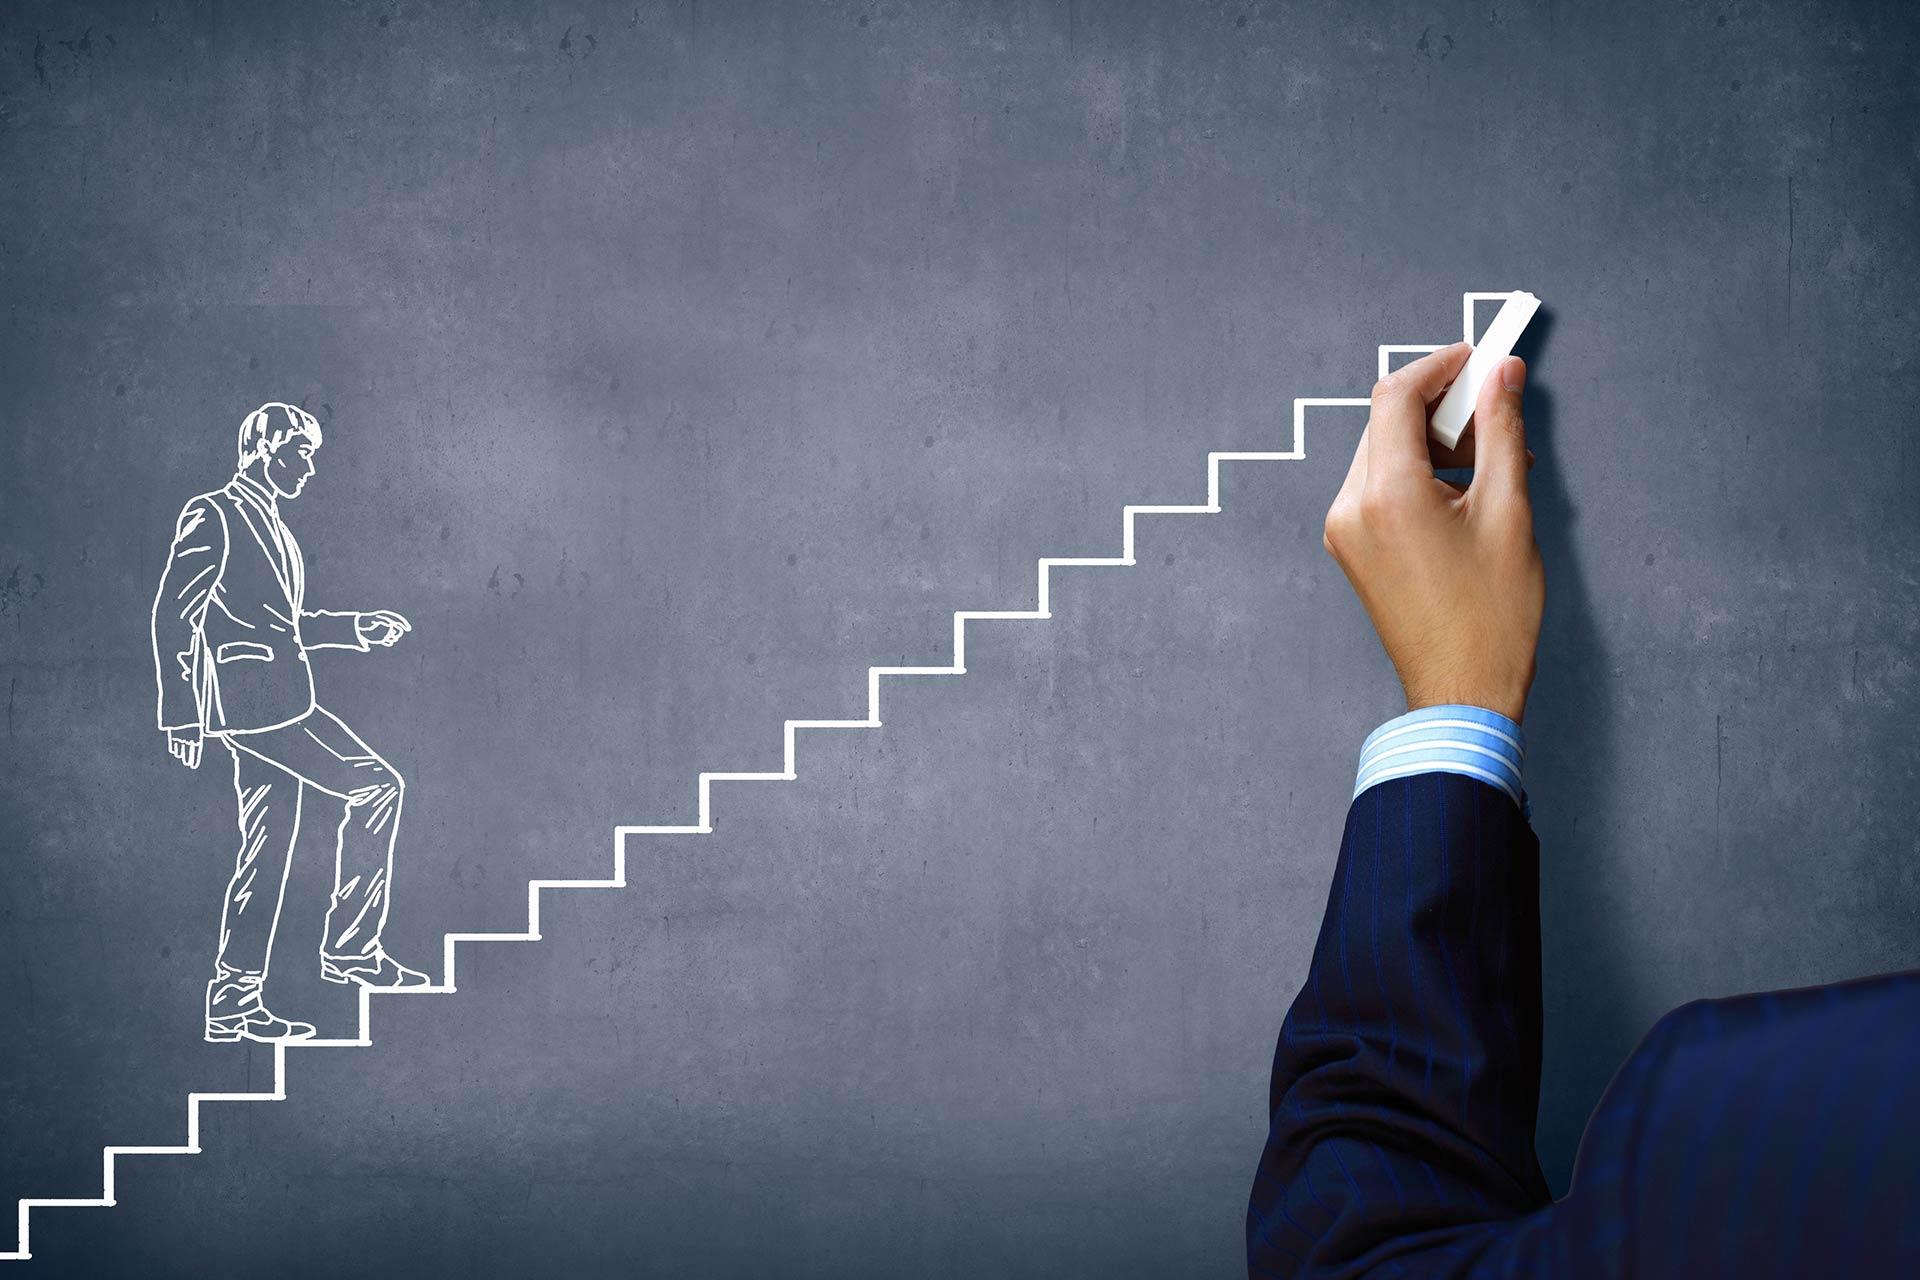 Бесплатный вебинар: 9 практических шагов постановки «самодостигающихся» целей